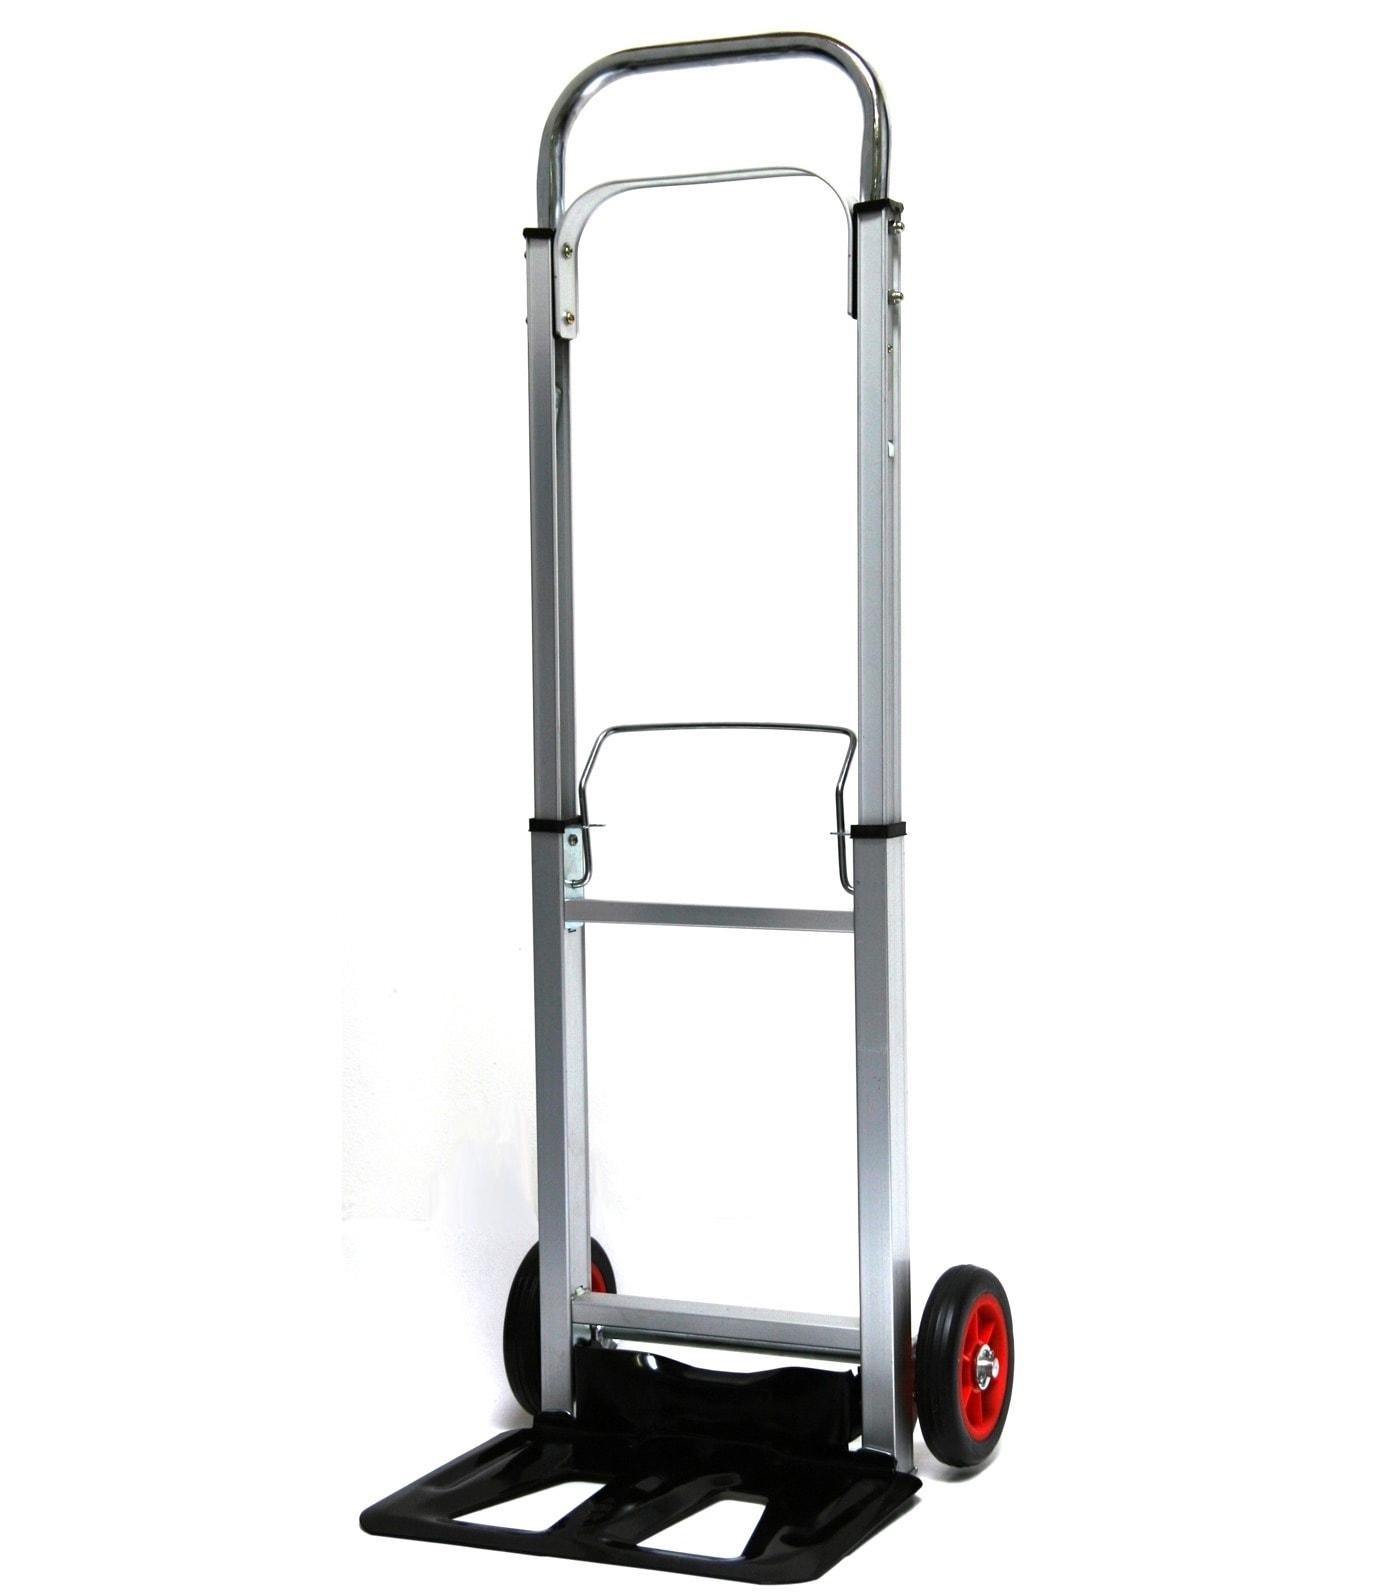 SZ METALL Sackkarre, klapp- und faltbar silberfarben Sackkarren Transport Werkzeug Maschinen Sackkarre